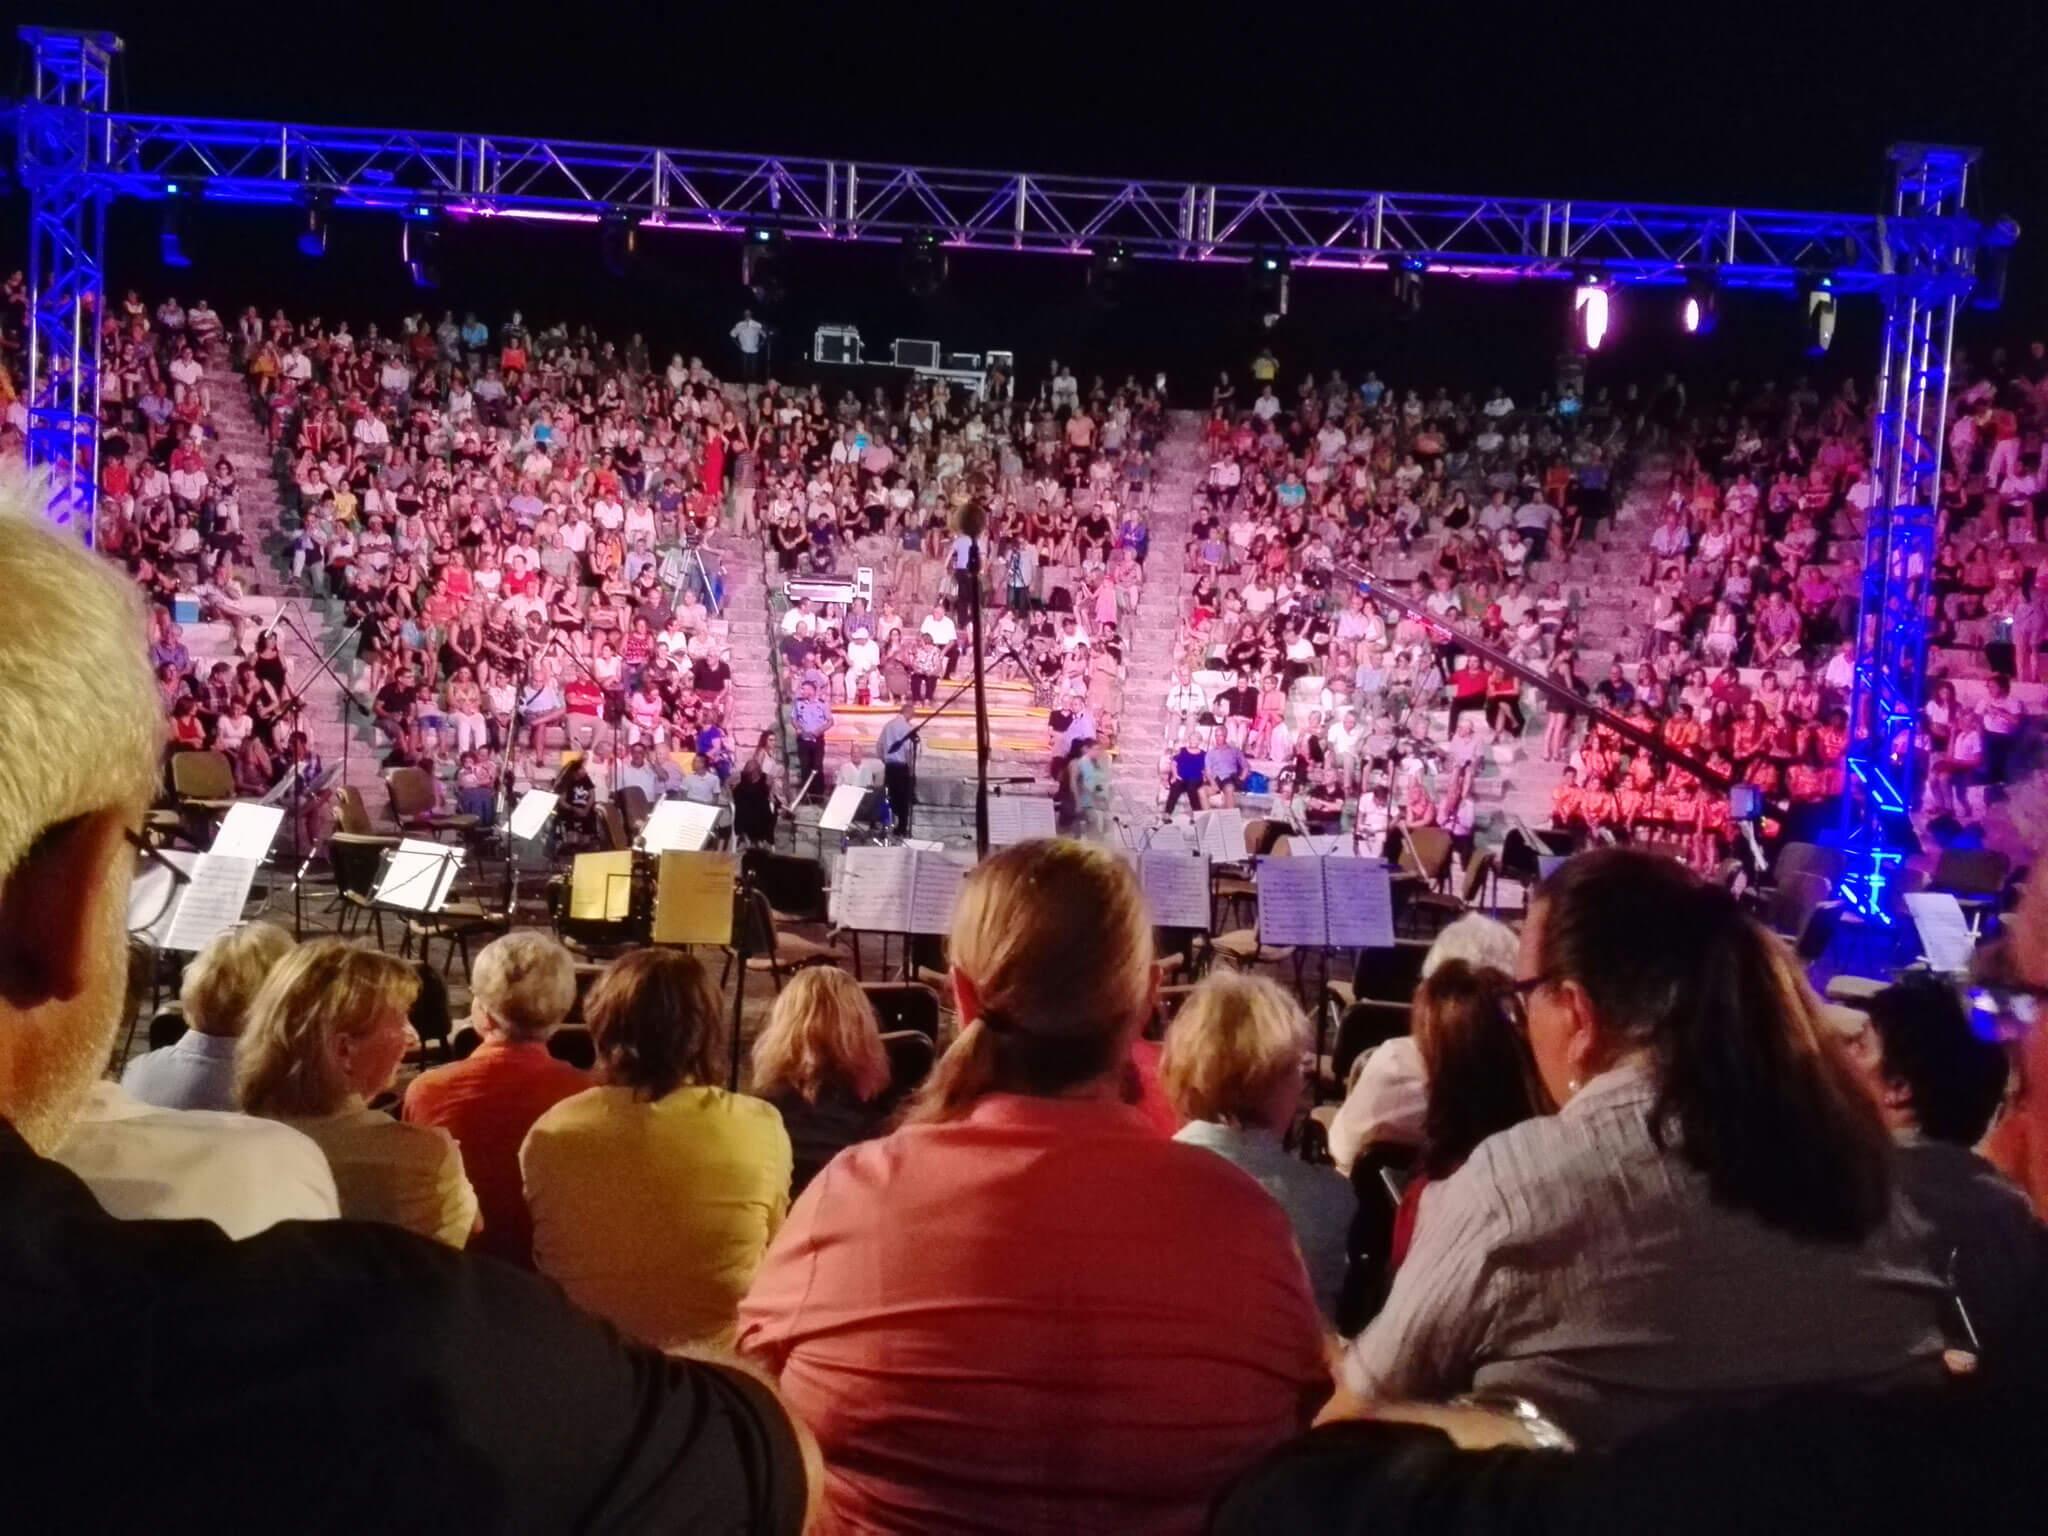 Die Konzertbesucher strömen auf die Ränge